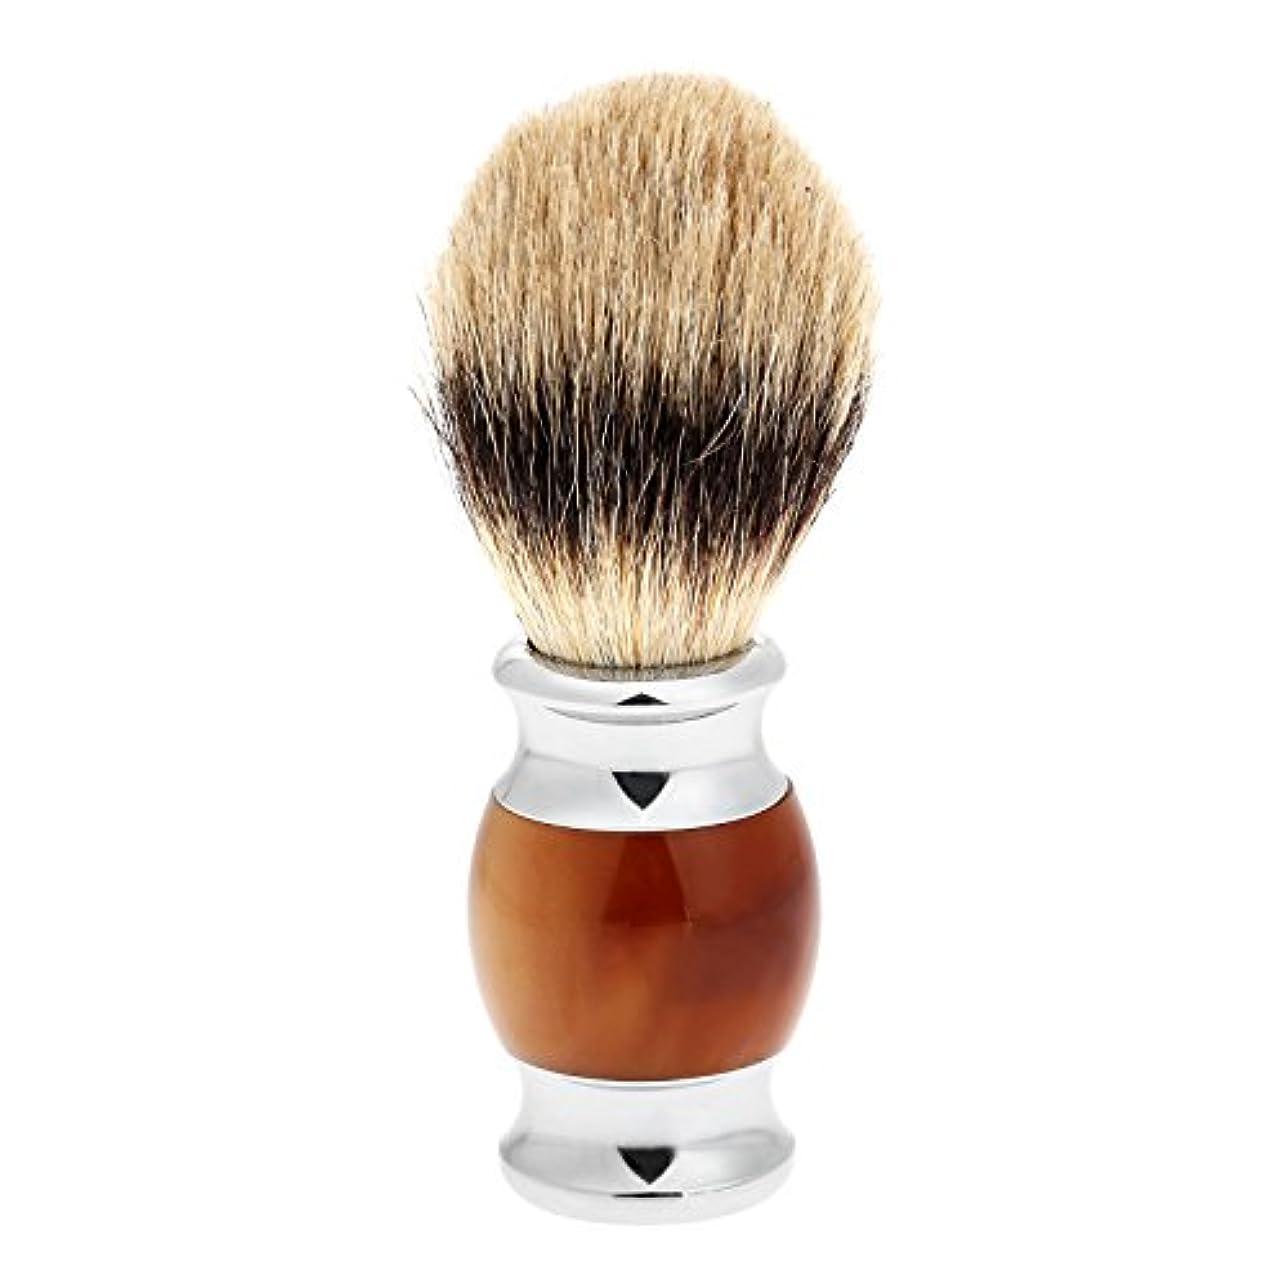 責設置フォルダ1PC メンズ ひげブラシ アナグマ毛 シェービングブラシ バーバー シェービング用ブラシ 理容 洗顔 髭剃り